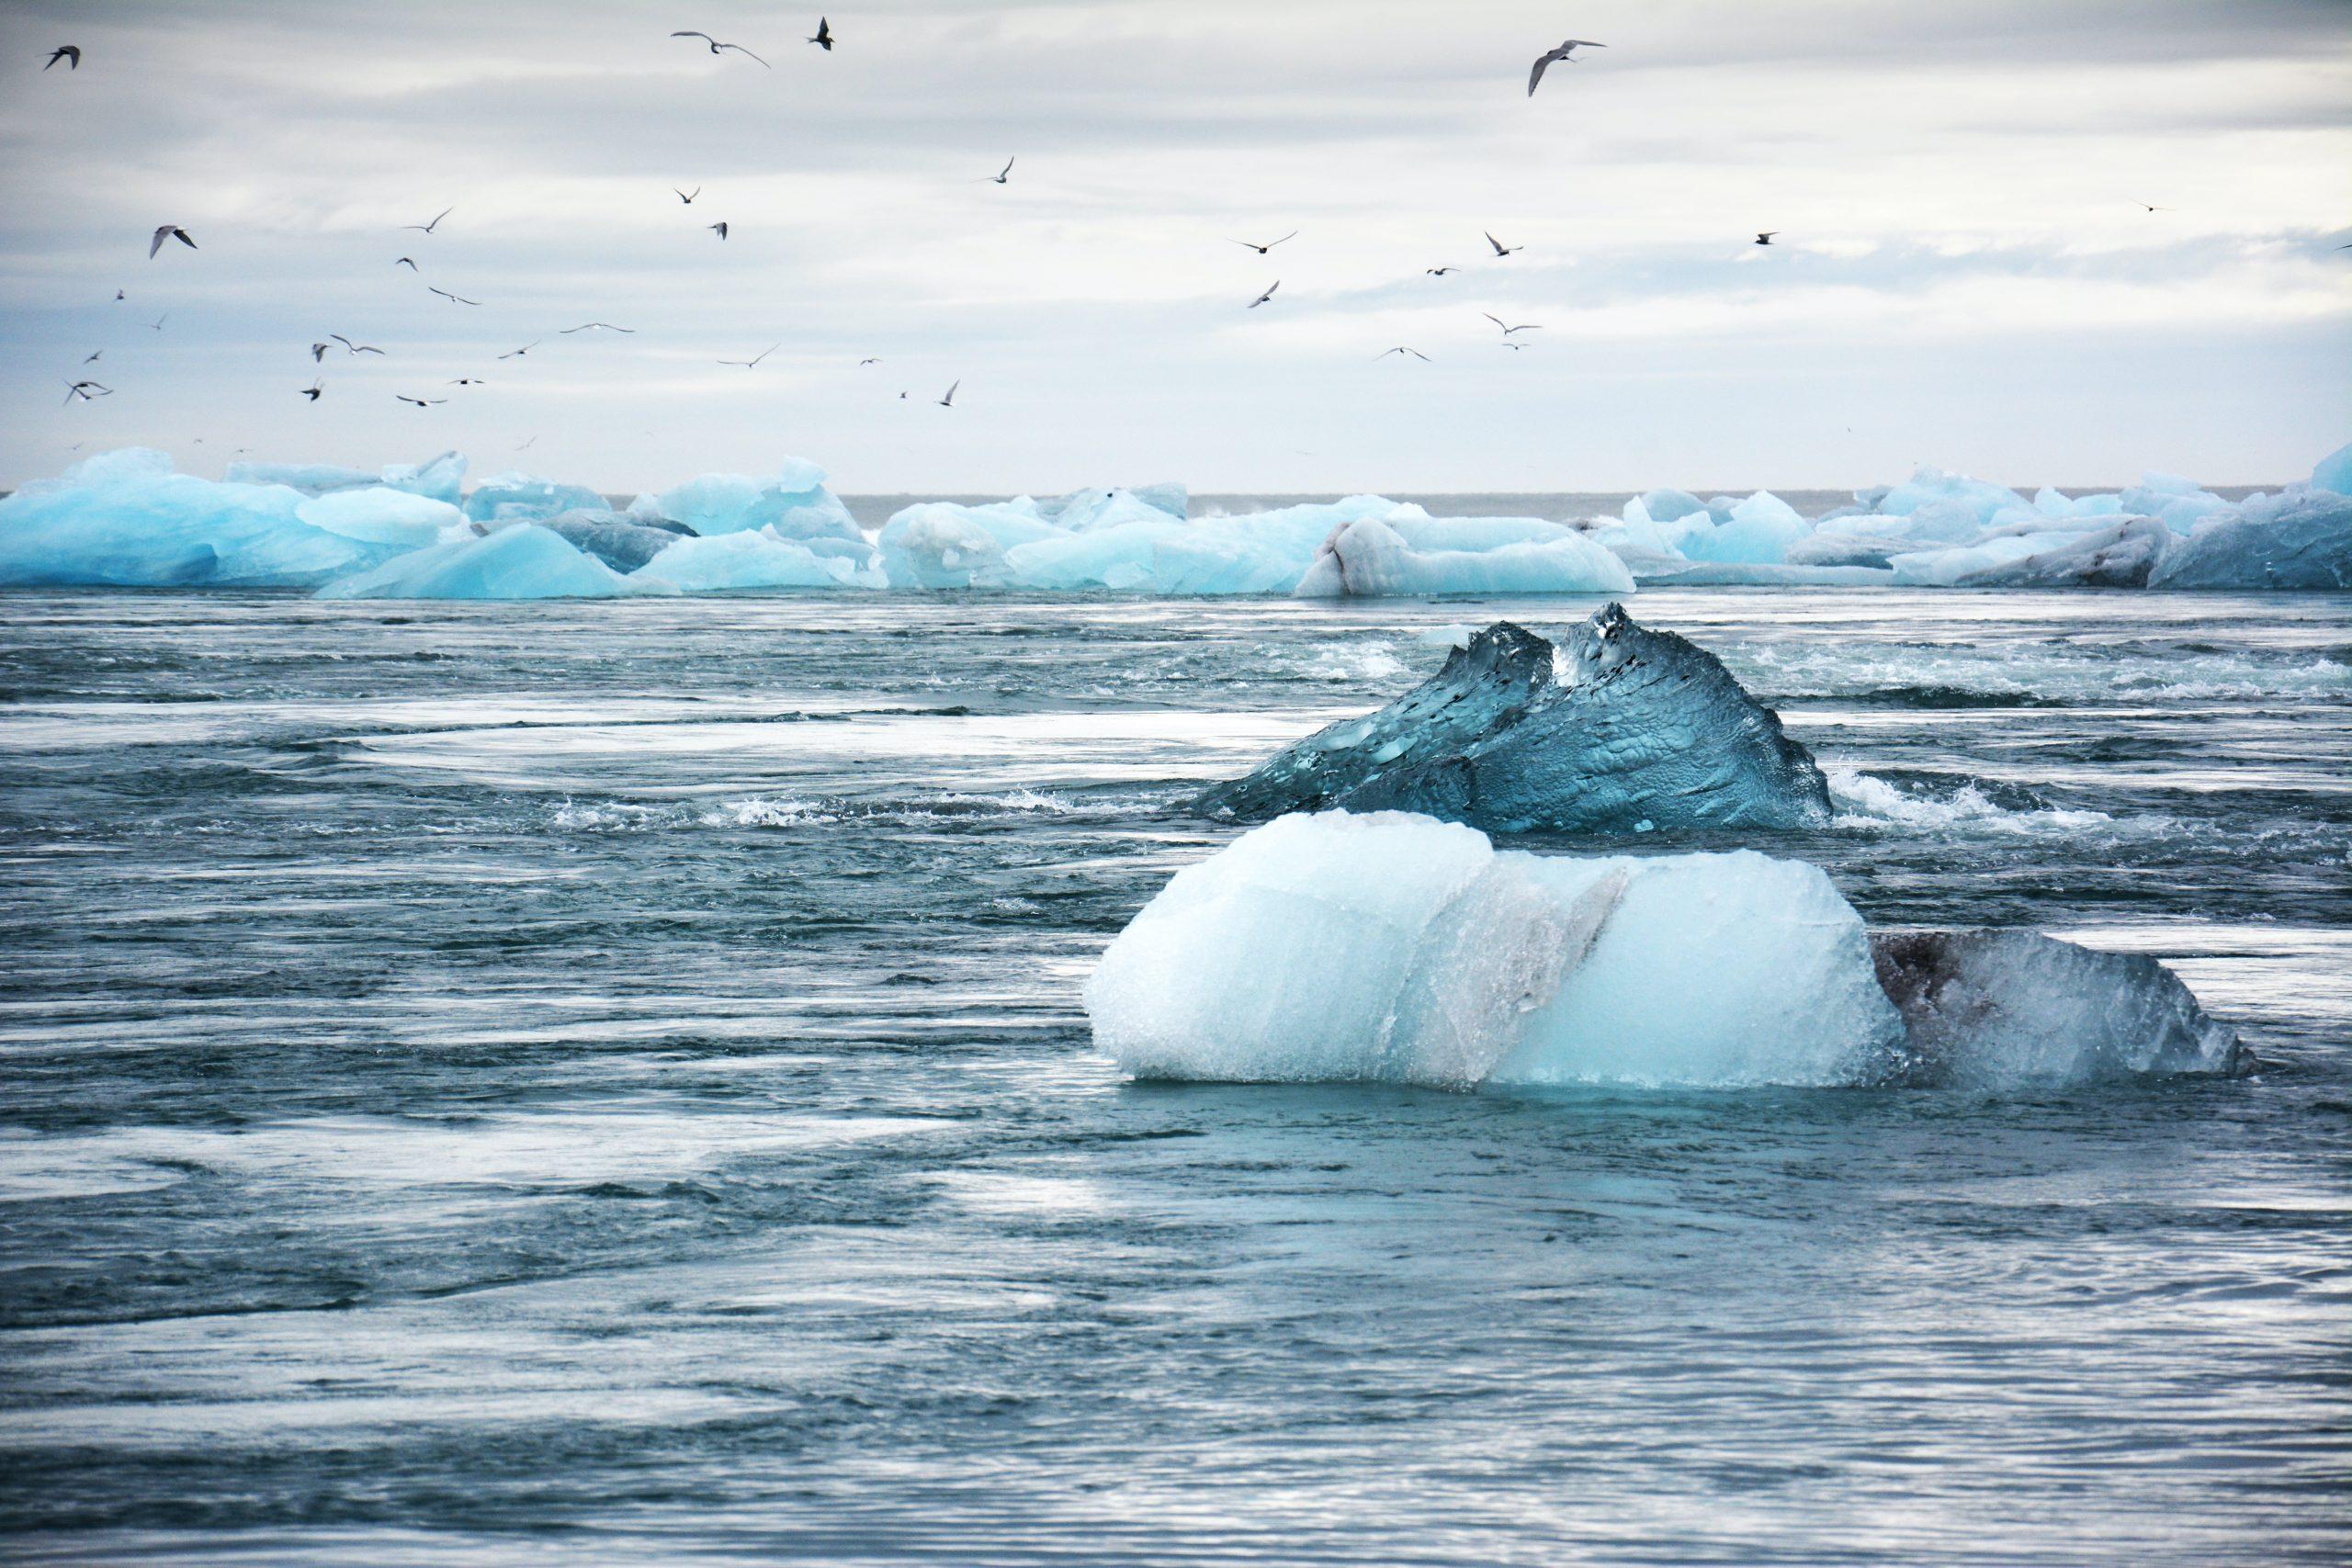 Réchauffement climatique - Fonde des glaces